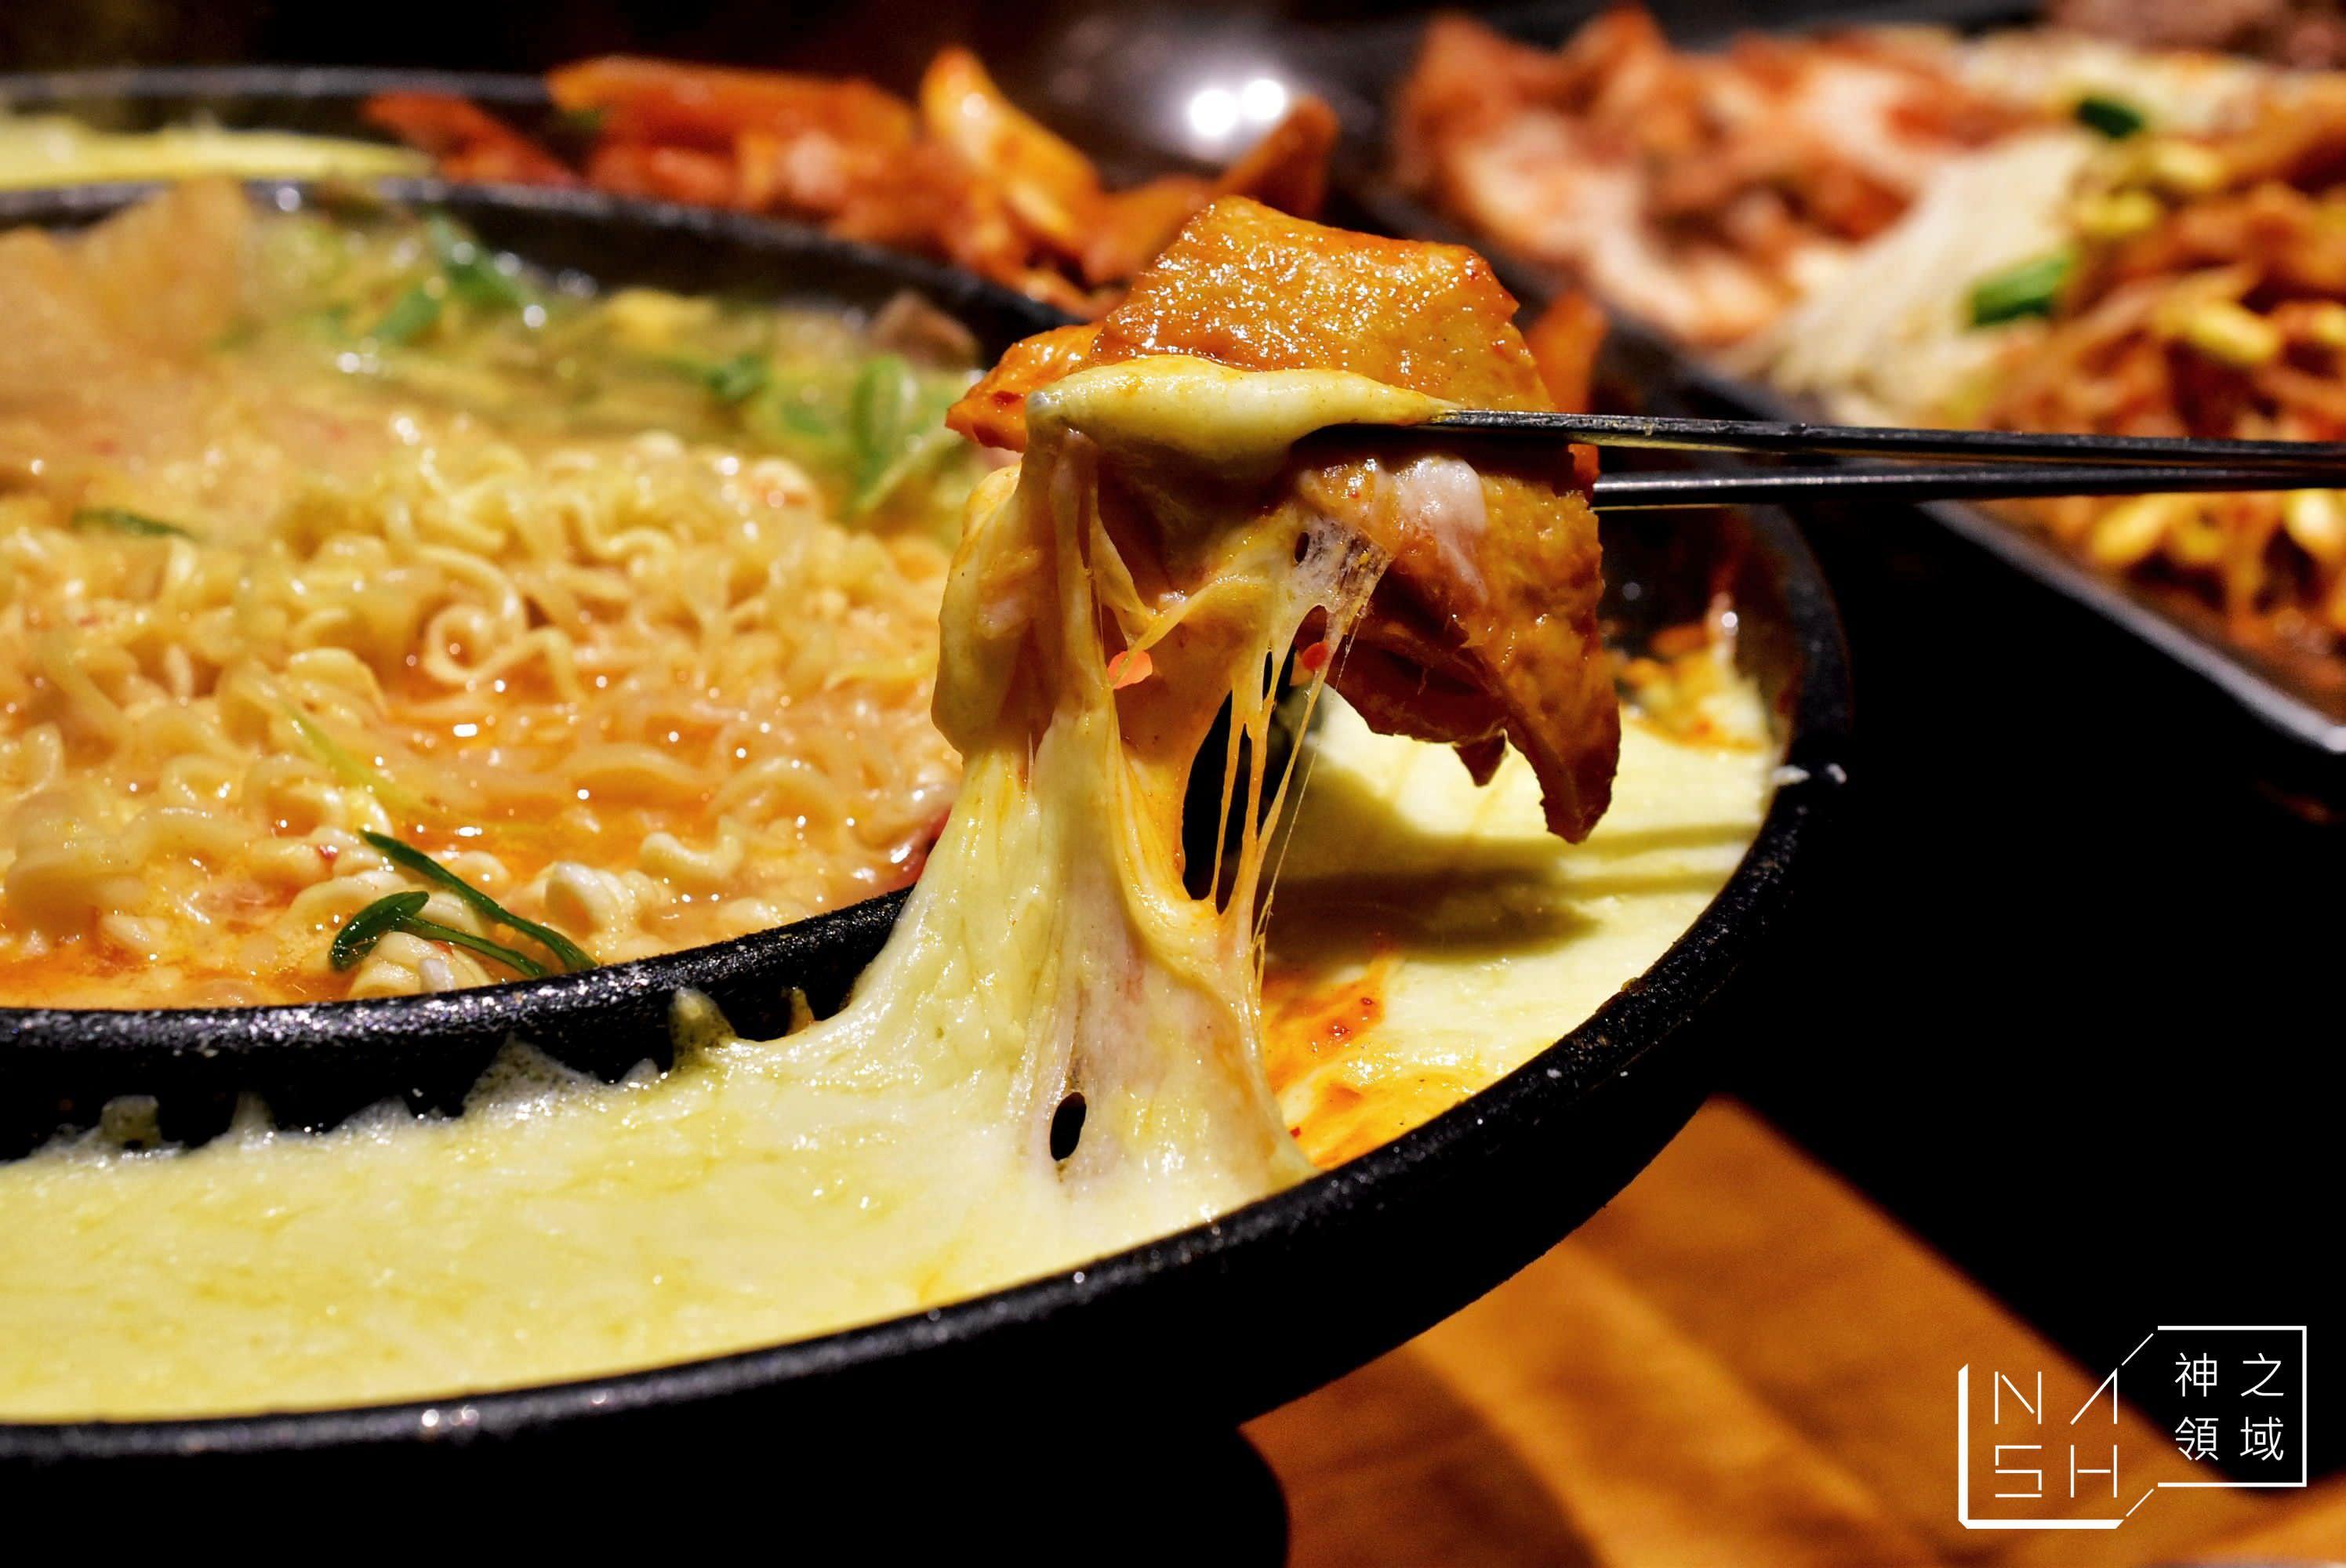 娘子韓食,娘子韓食菜單,部隊鍋 @Nash,神之領域